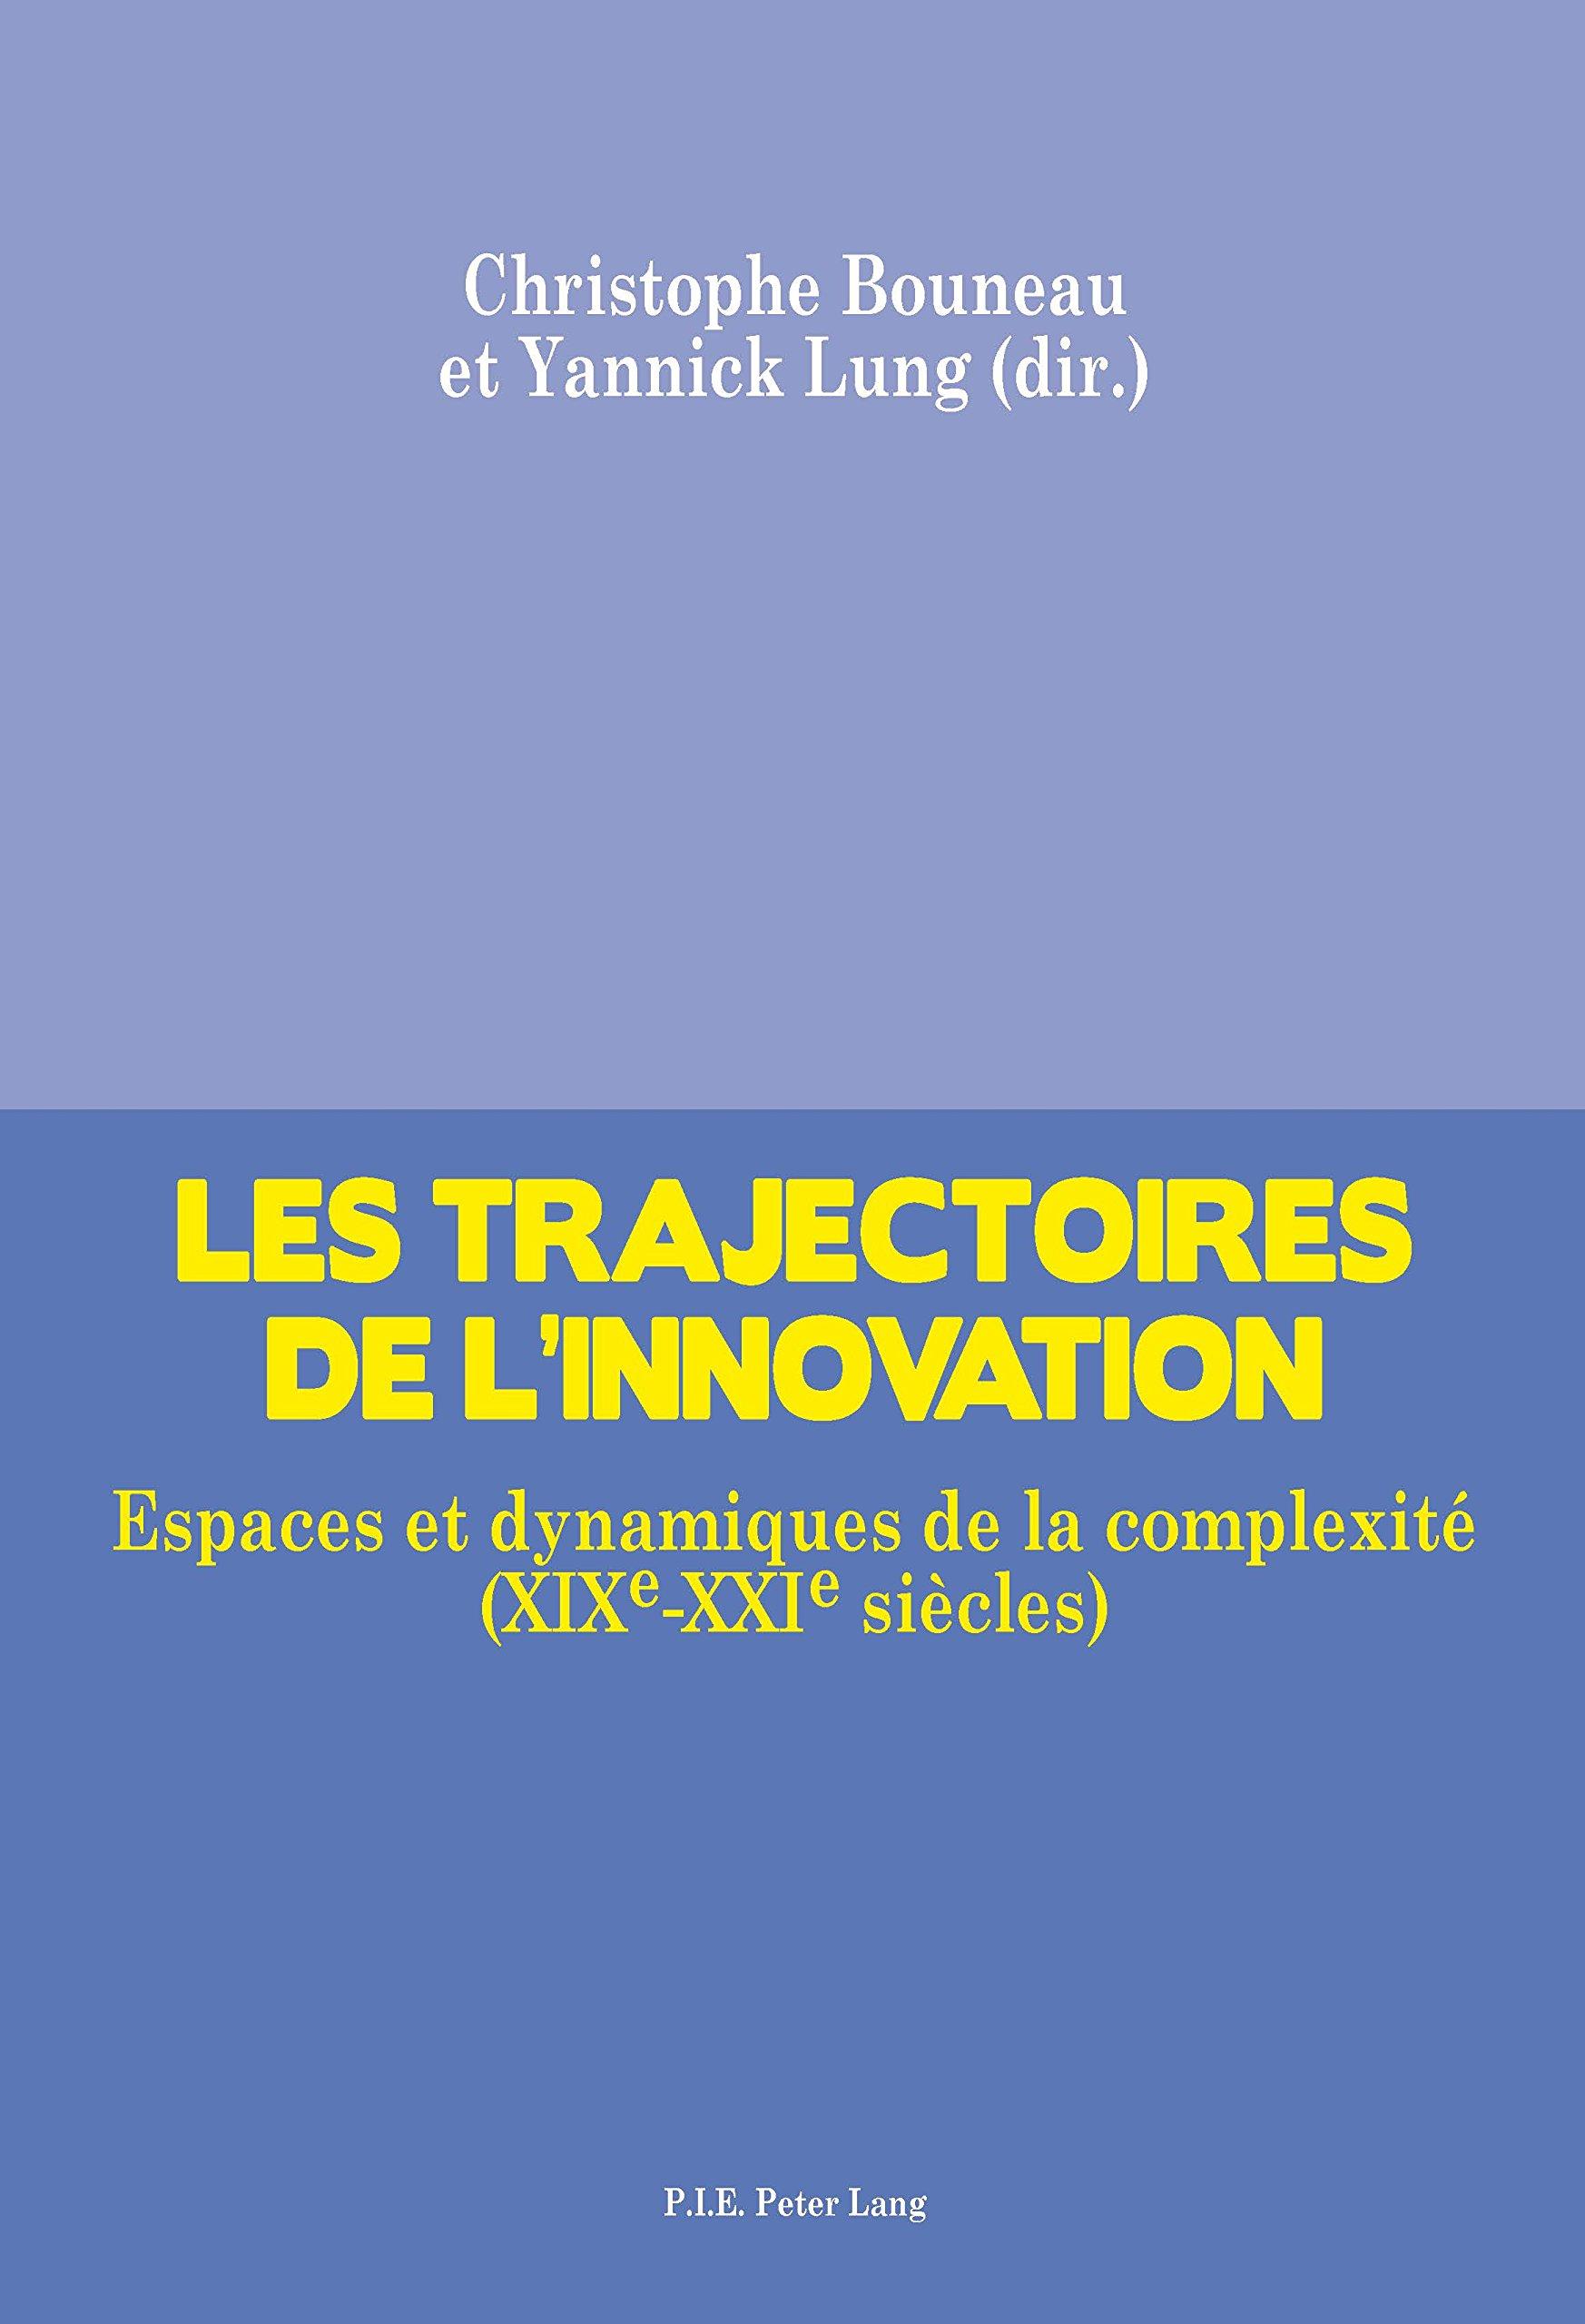 Les trajectoires de linnovation: Espaces et dynamiques de la complexité (XIXe-XXIe siècles) (PLG.SOC.SCIENCE) (French Edition)